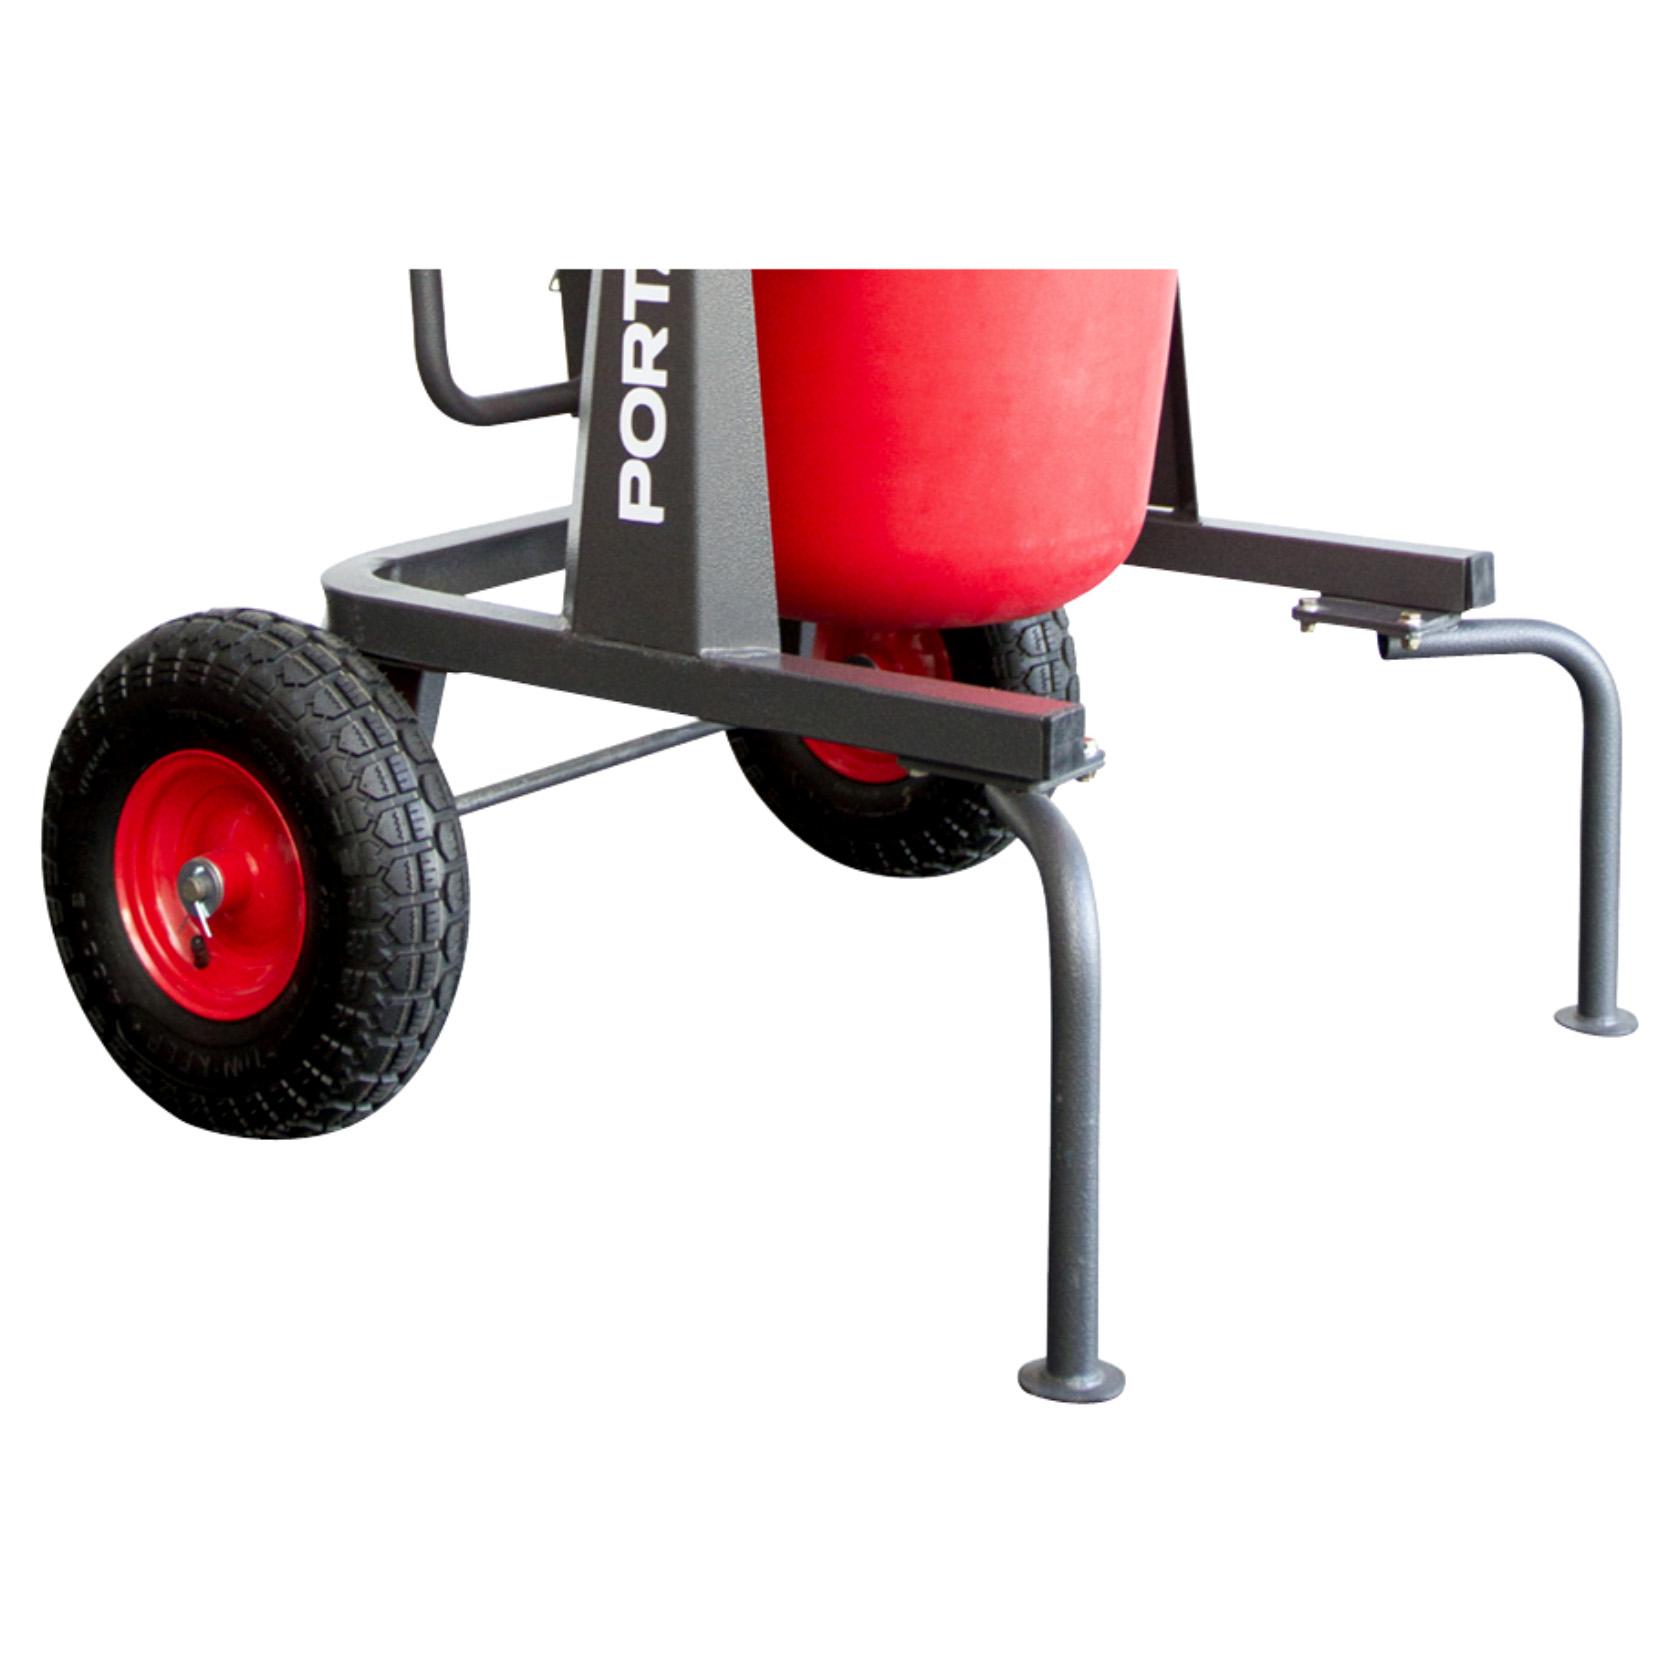 Portamix rough terrain wheel kit